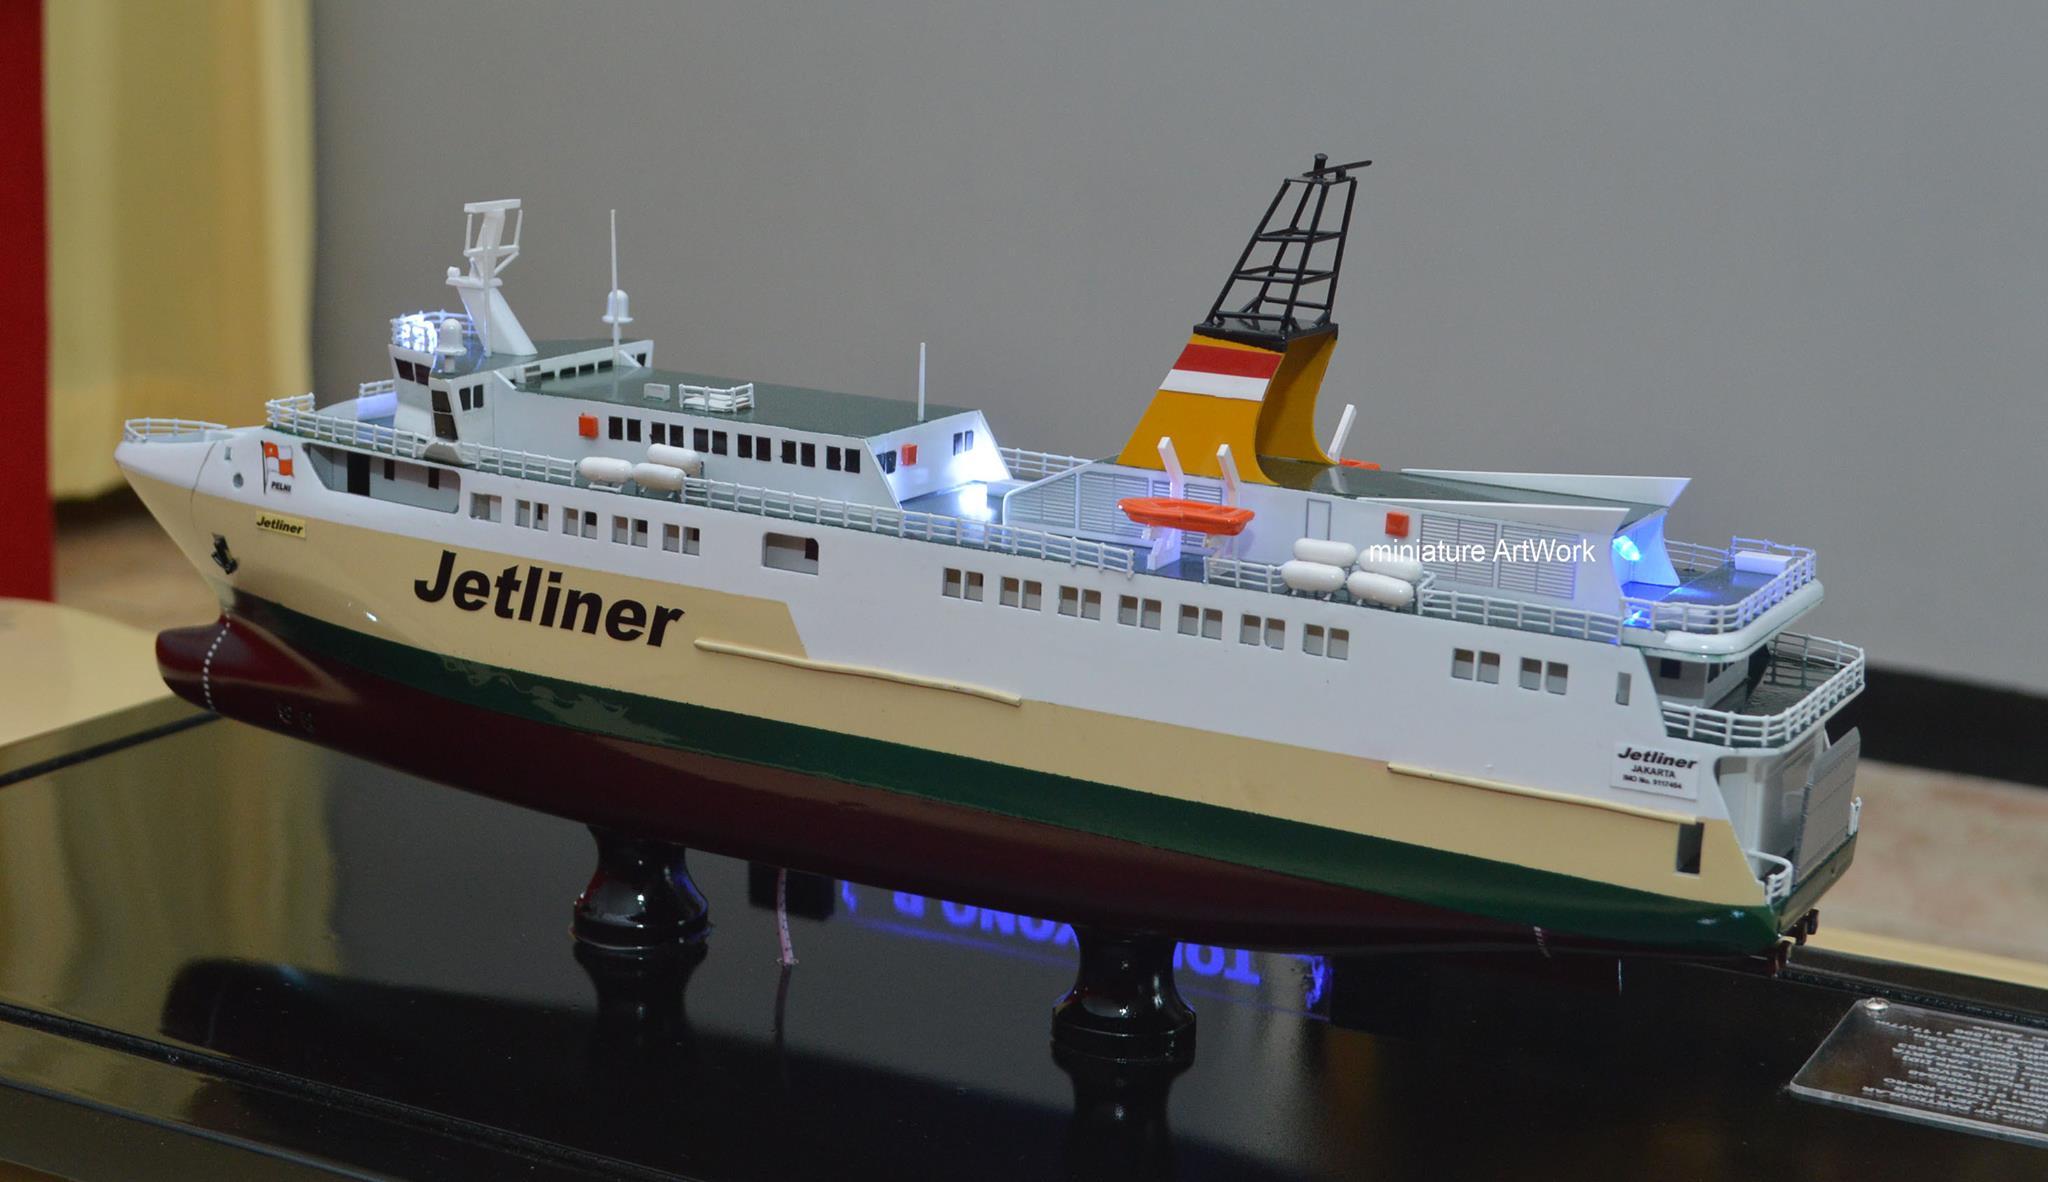 produsen pengrajin miniatur kapal kfc jetliner kapal ferry cepat milik pelni rumpun artwork planet kapal terpercaya harga murah